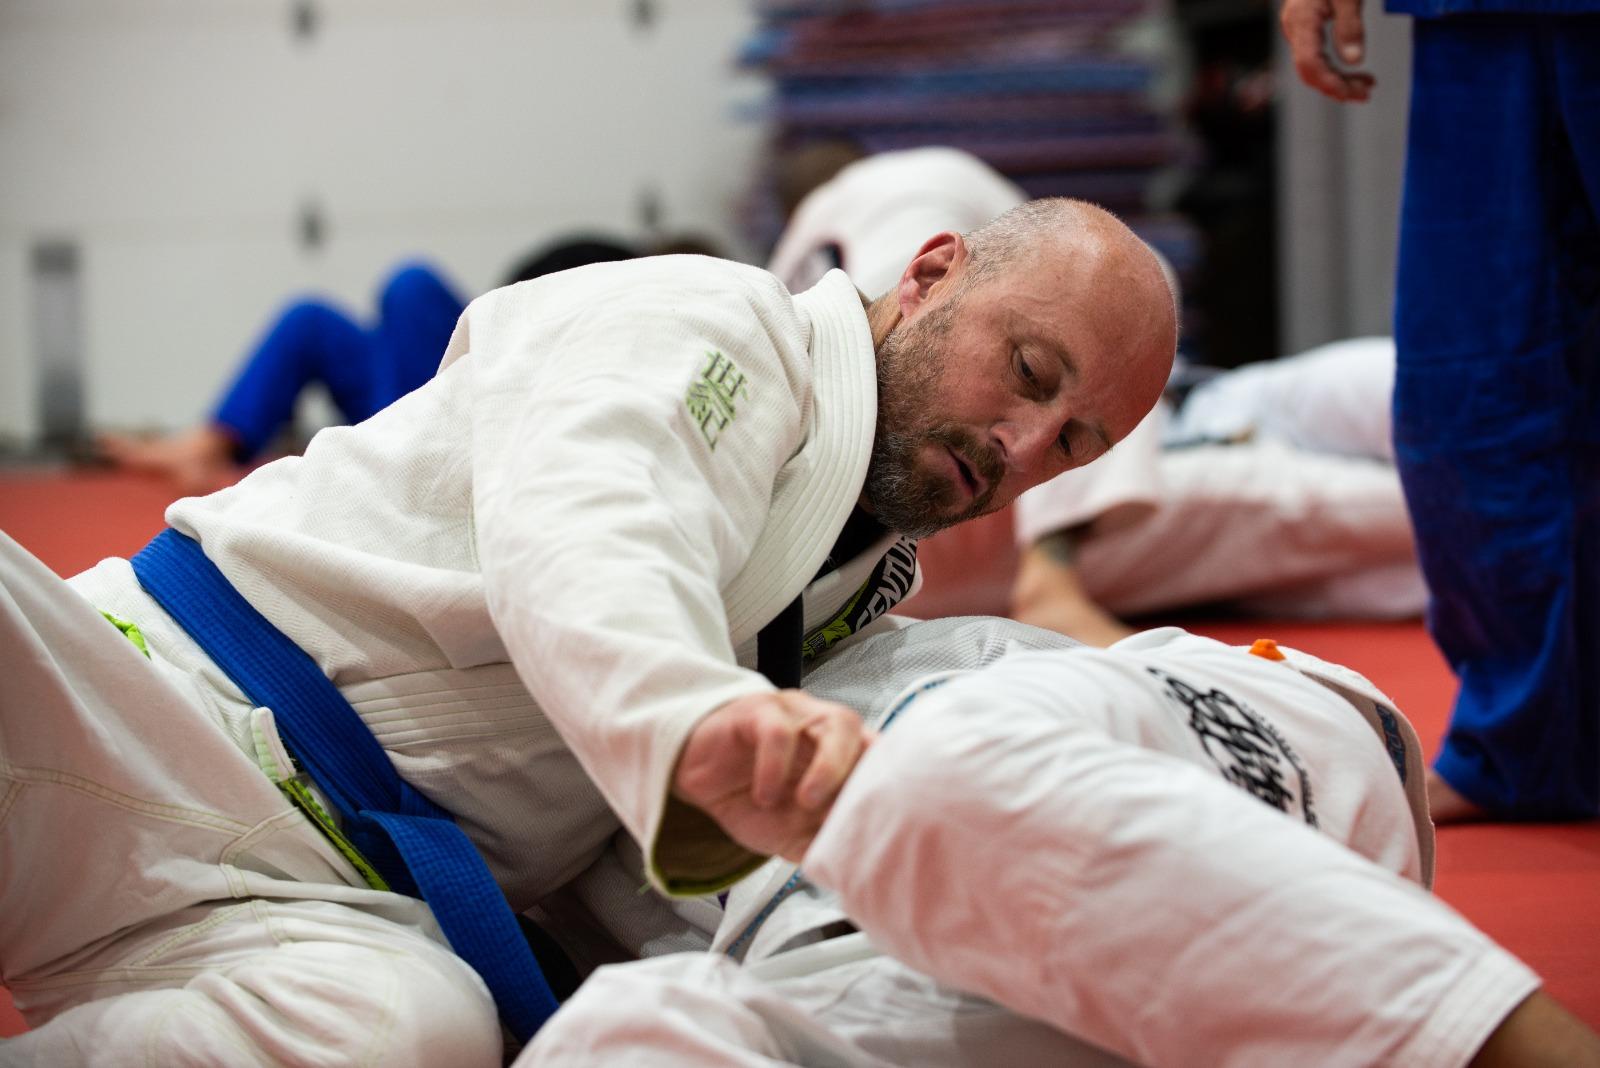 A man training Brazilian Jiu-Jitsu